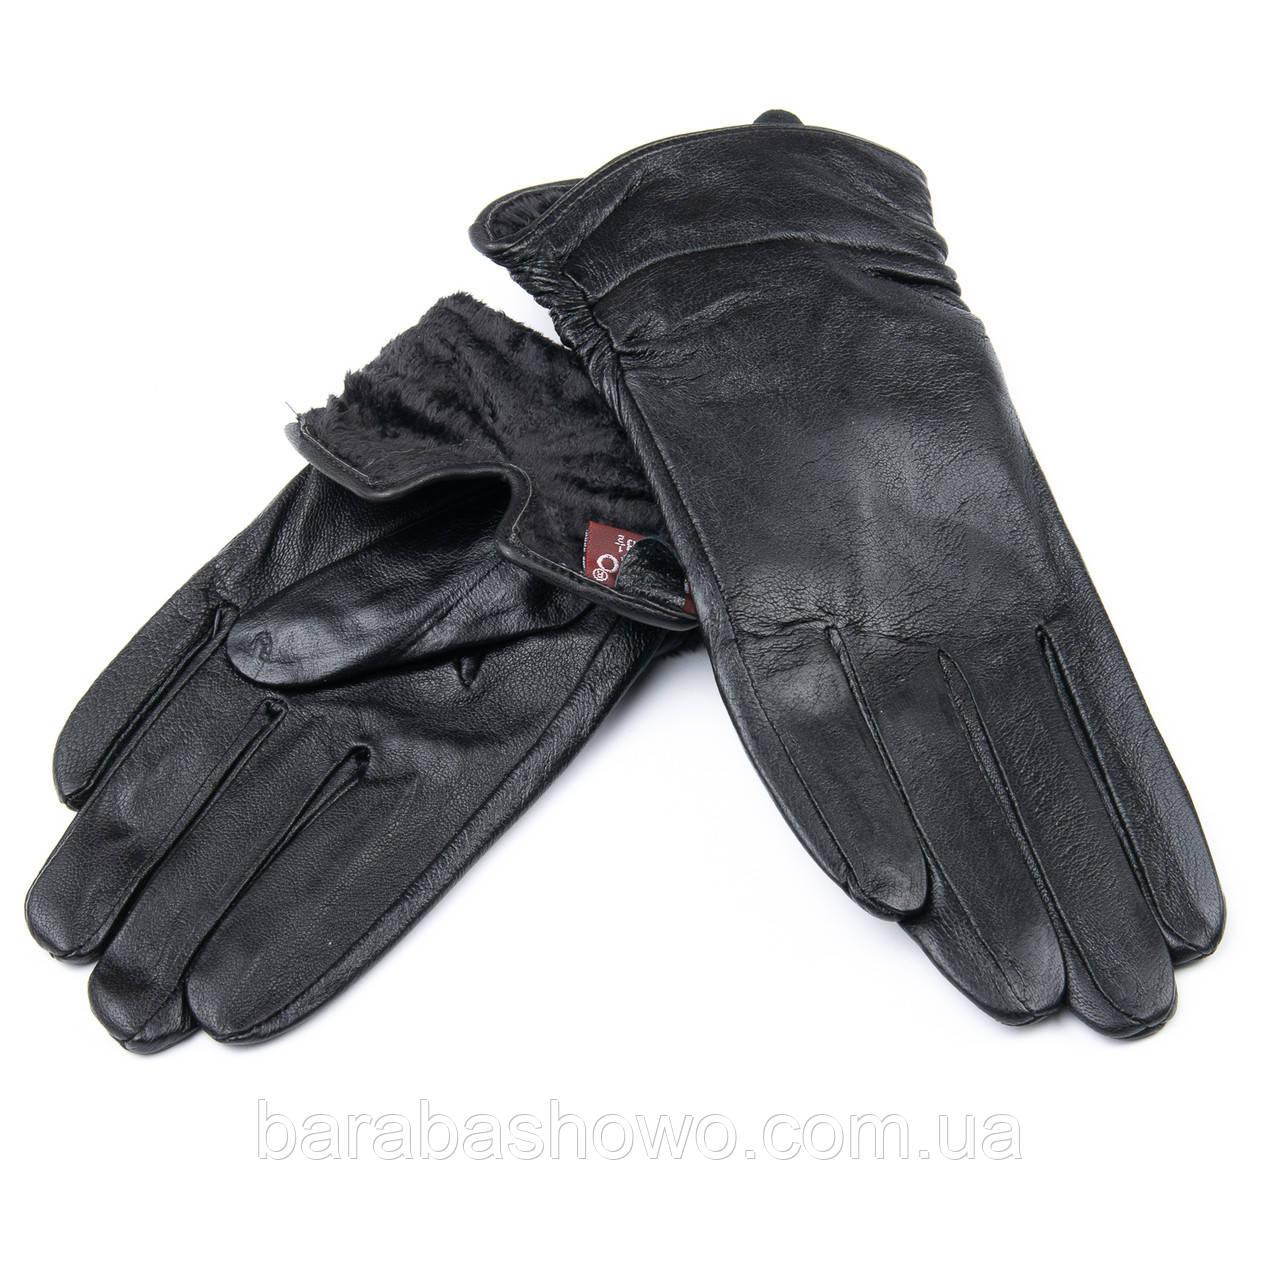 Женские кожаные перчатки, черные, подкладка флис. Тиснение Полоска